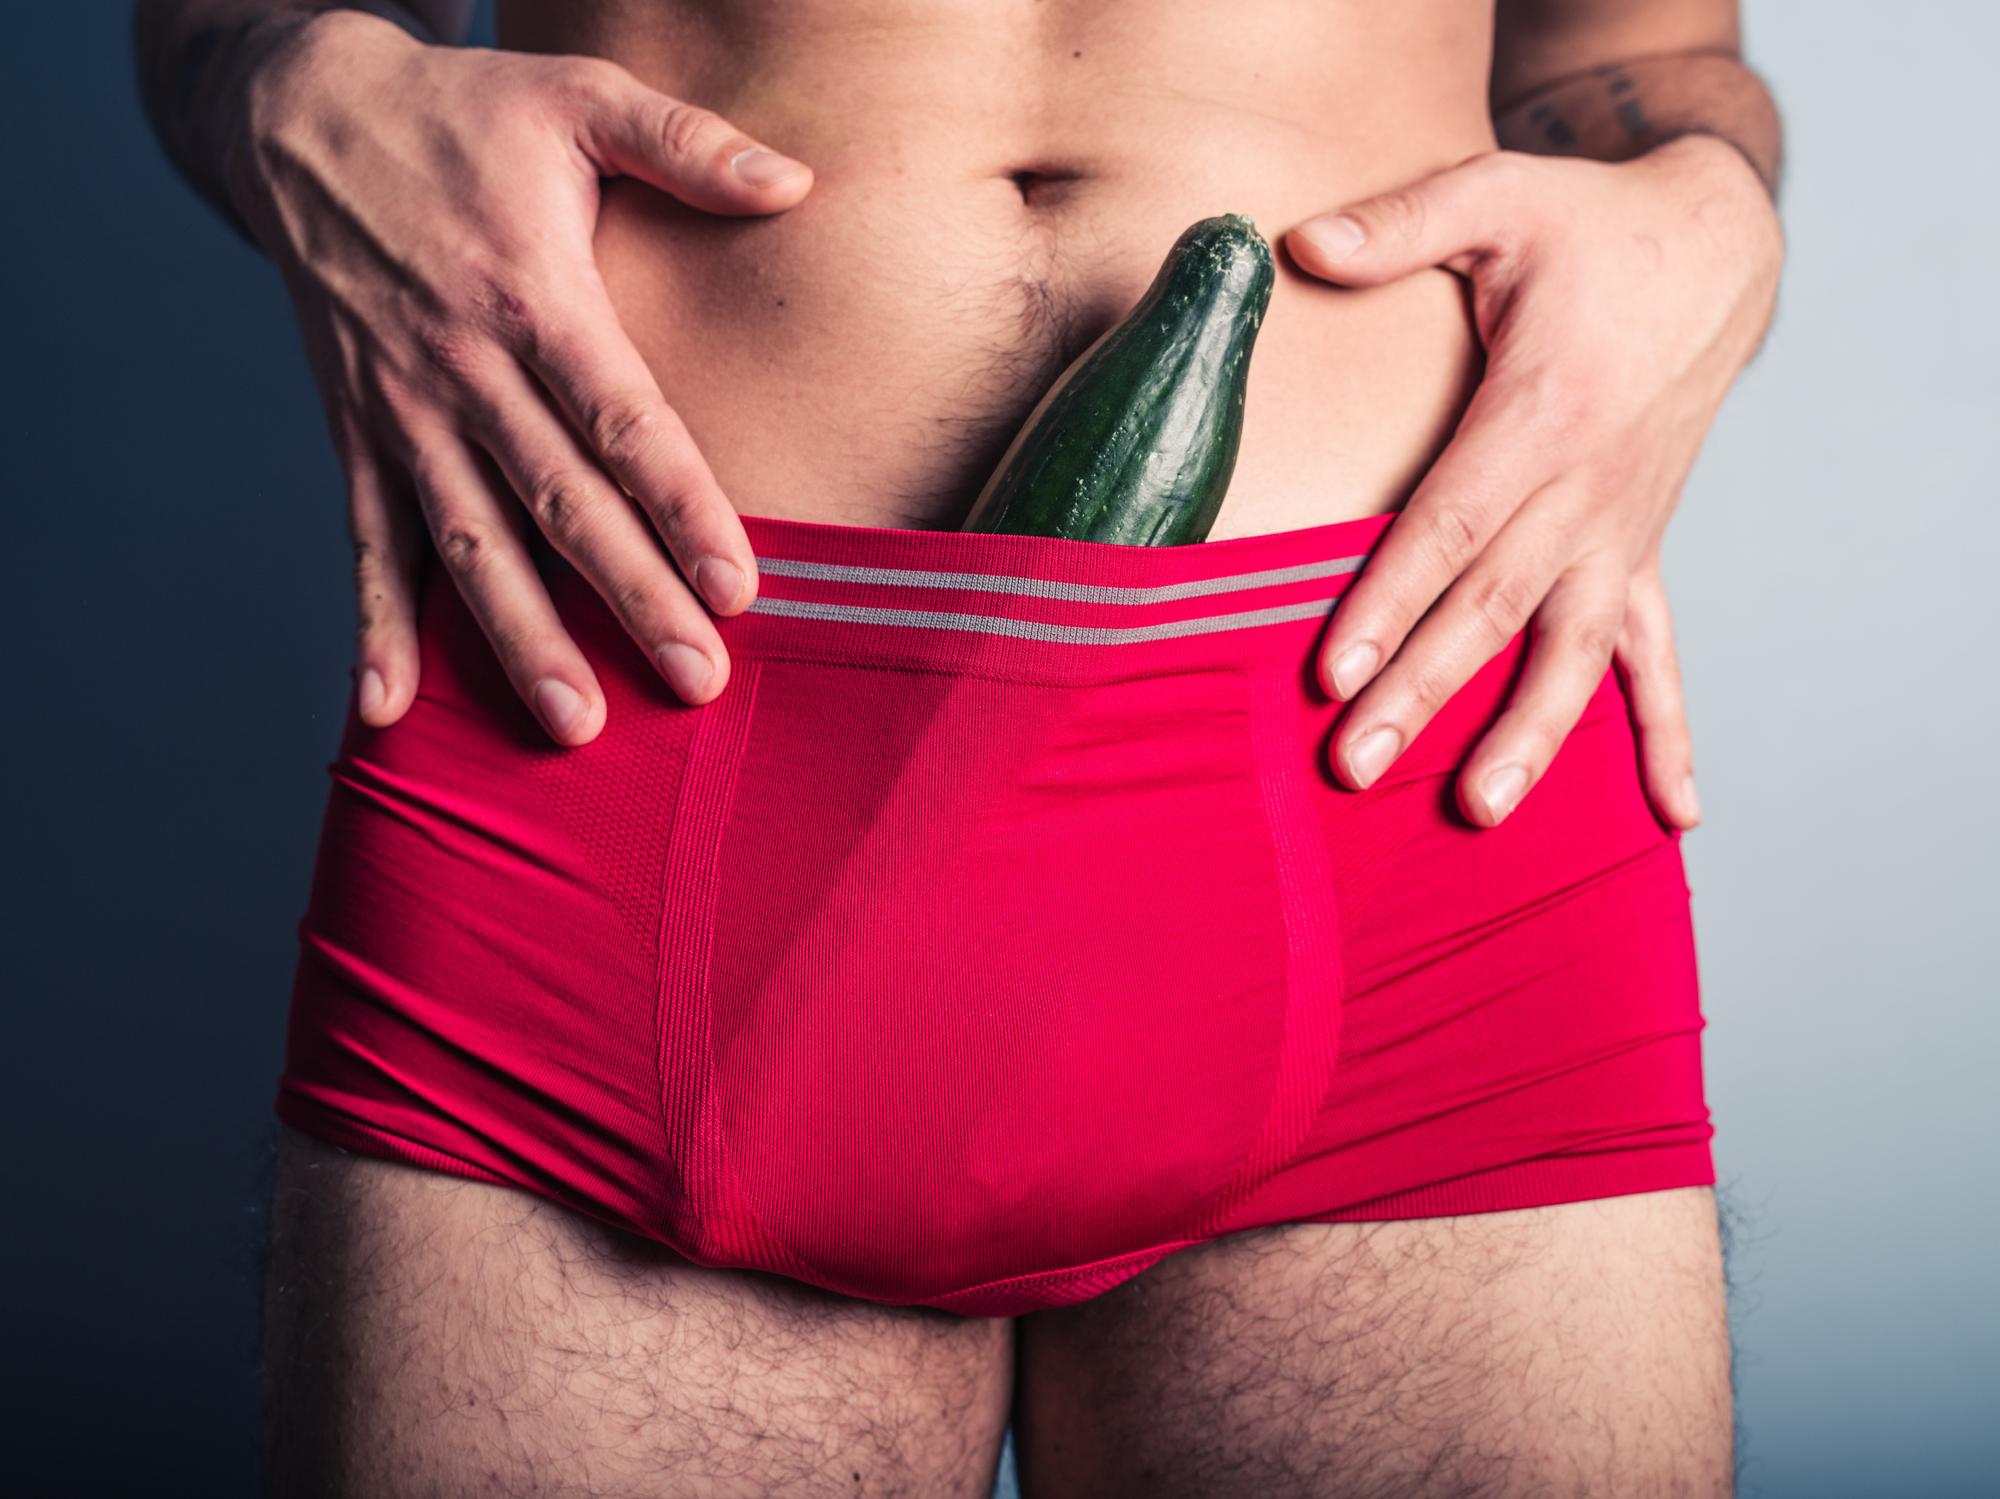 amitől a pénisz rosszul áll a zuhanó erekció okai